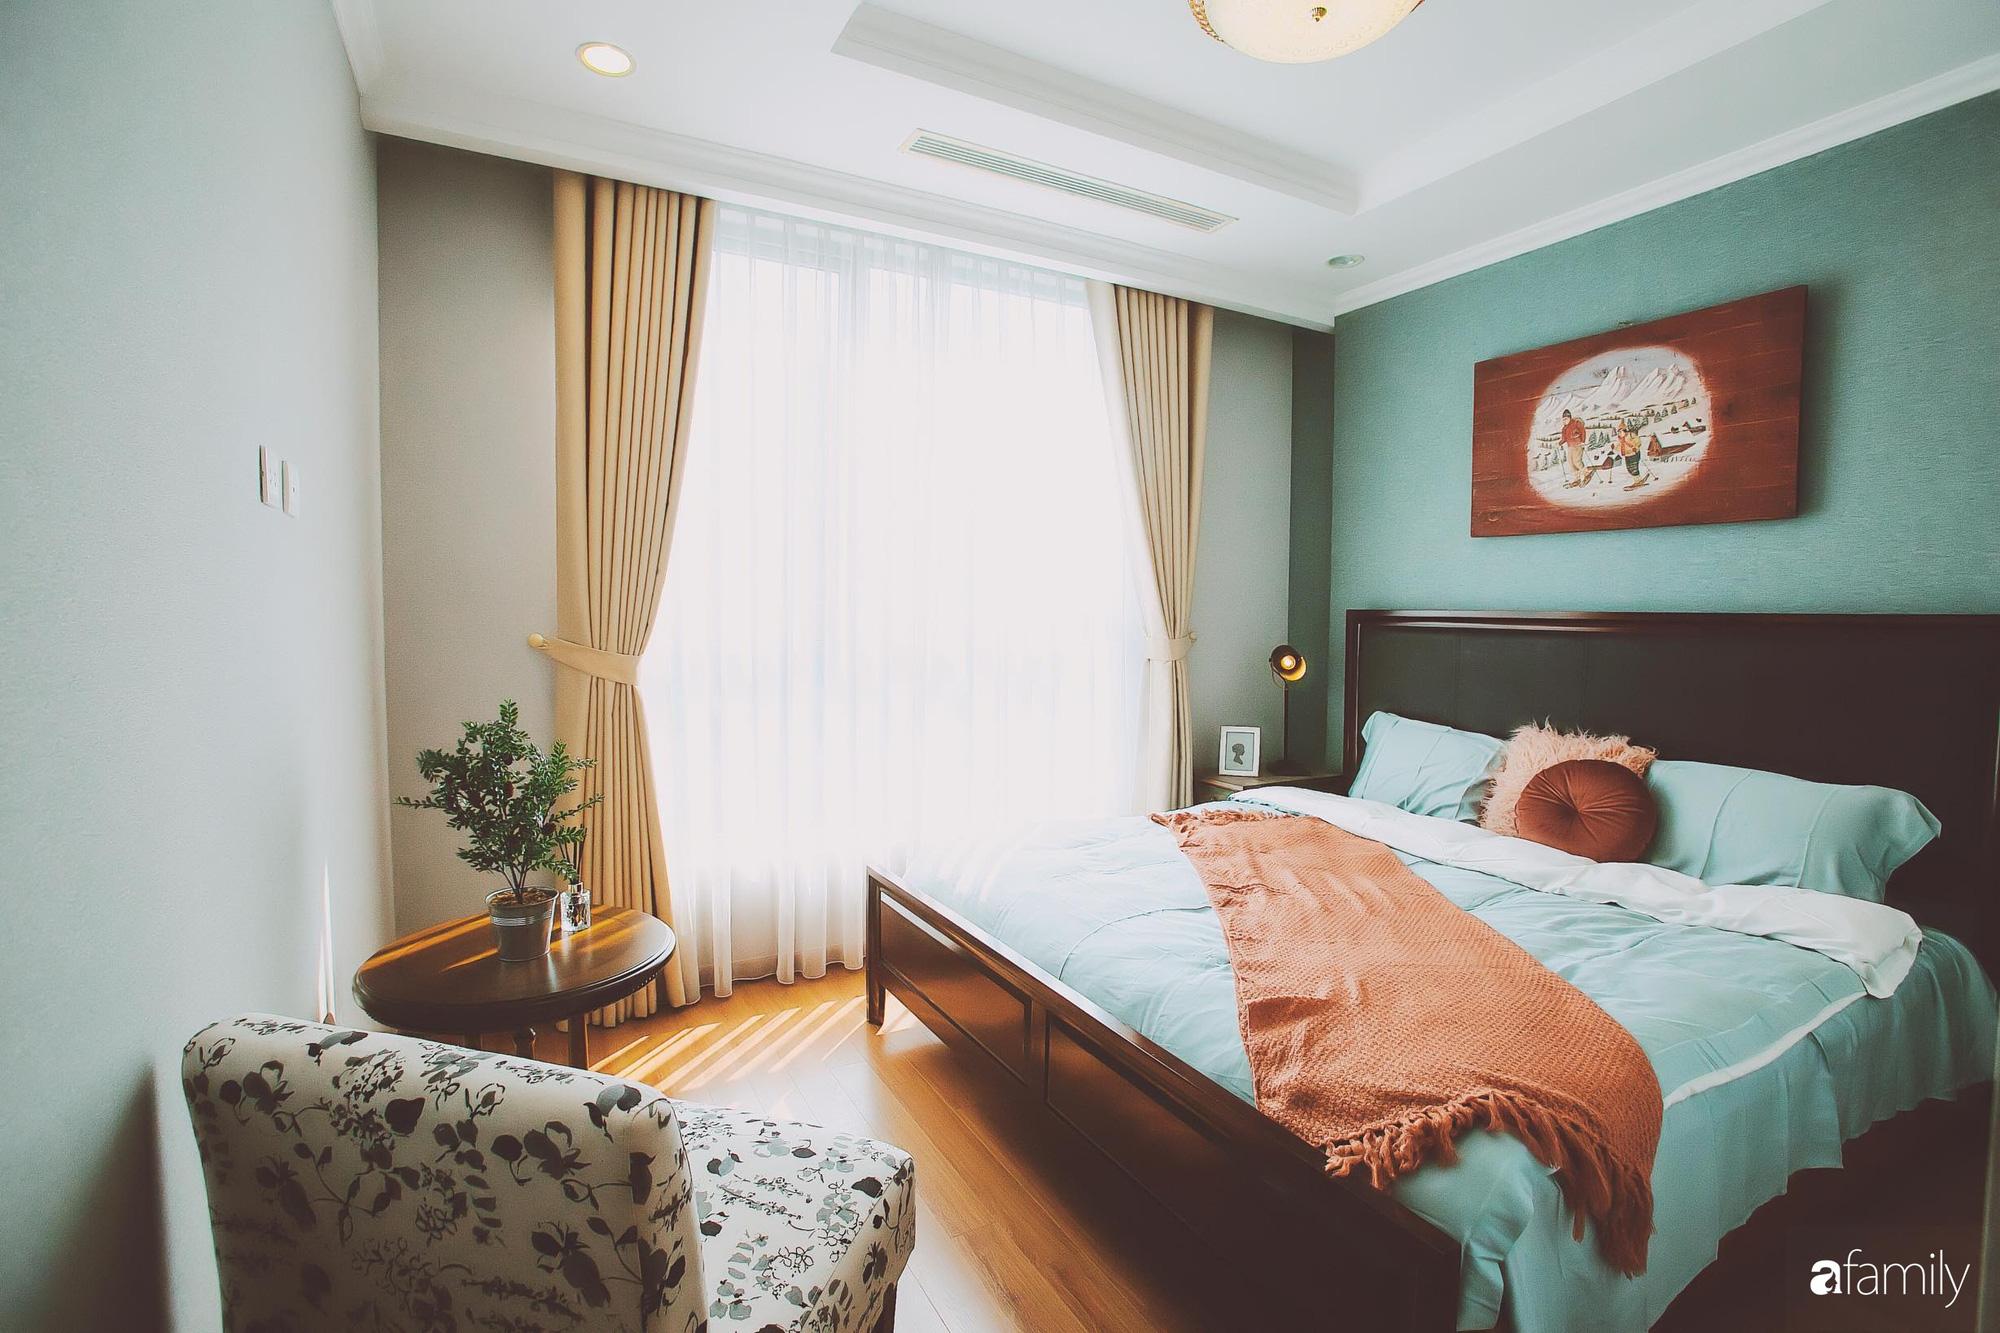 Căn hộ màu xanh ngập tràn nắng ấm sau cải tạo với chi phí 150 triệu đồng ở Hà Nội - Ảnh 13.